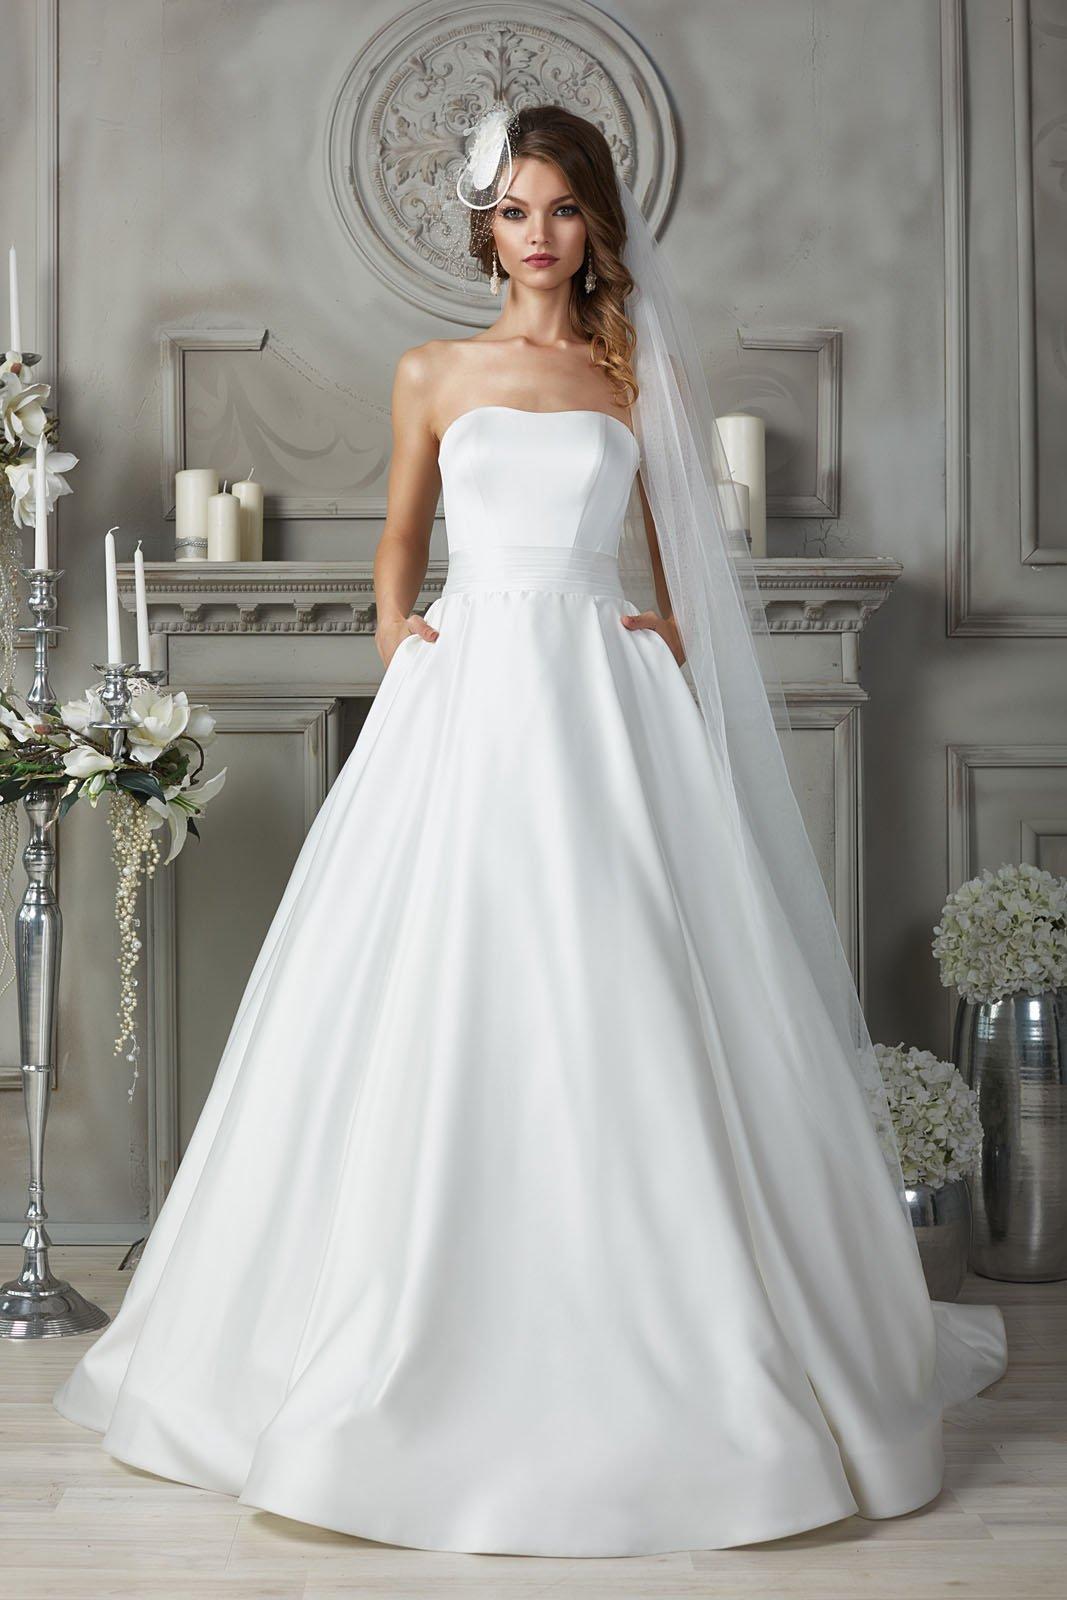 Атласное свадебное платье с открытым лифом и шлейфом.